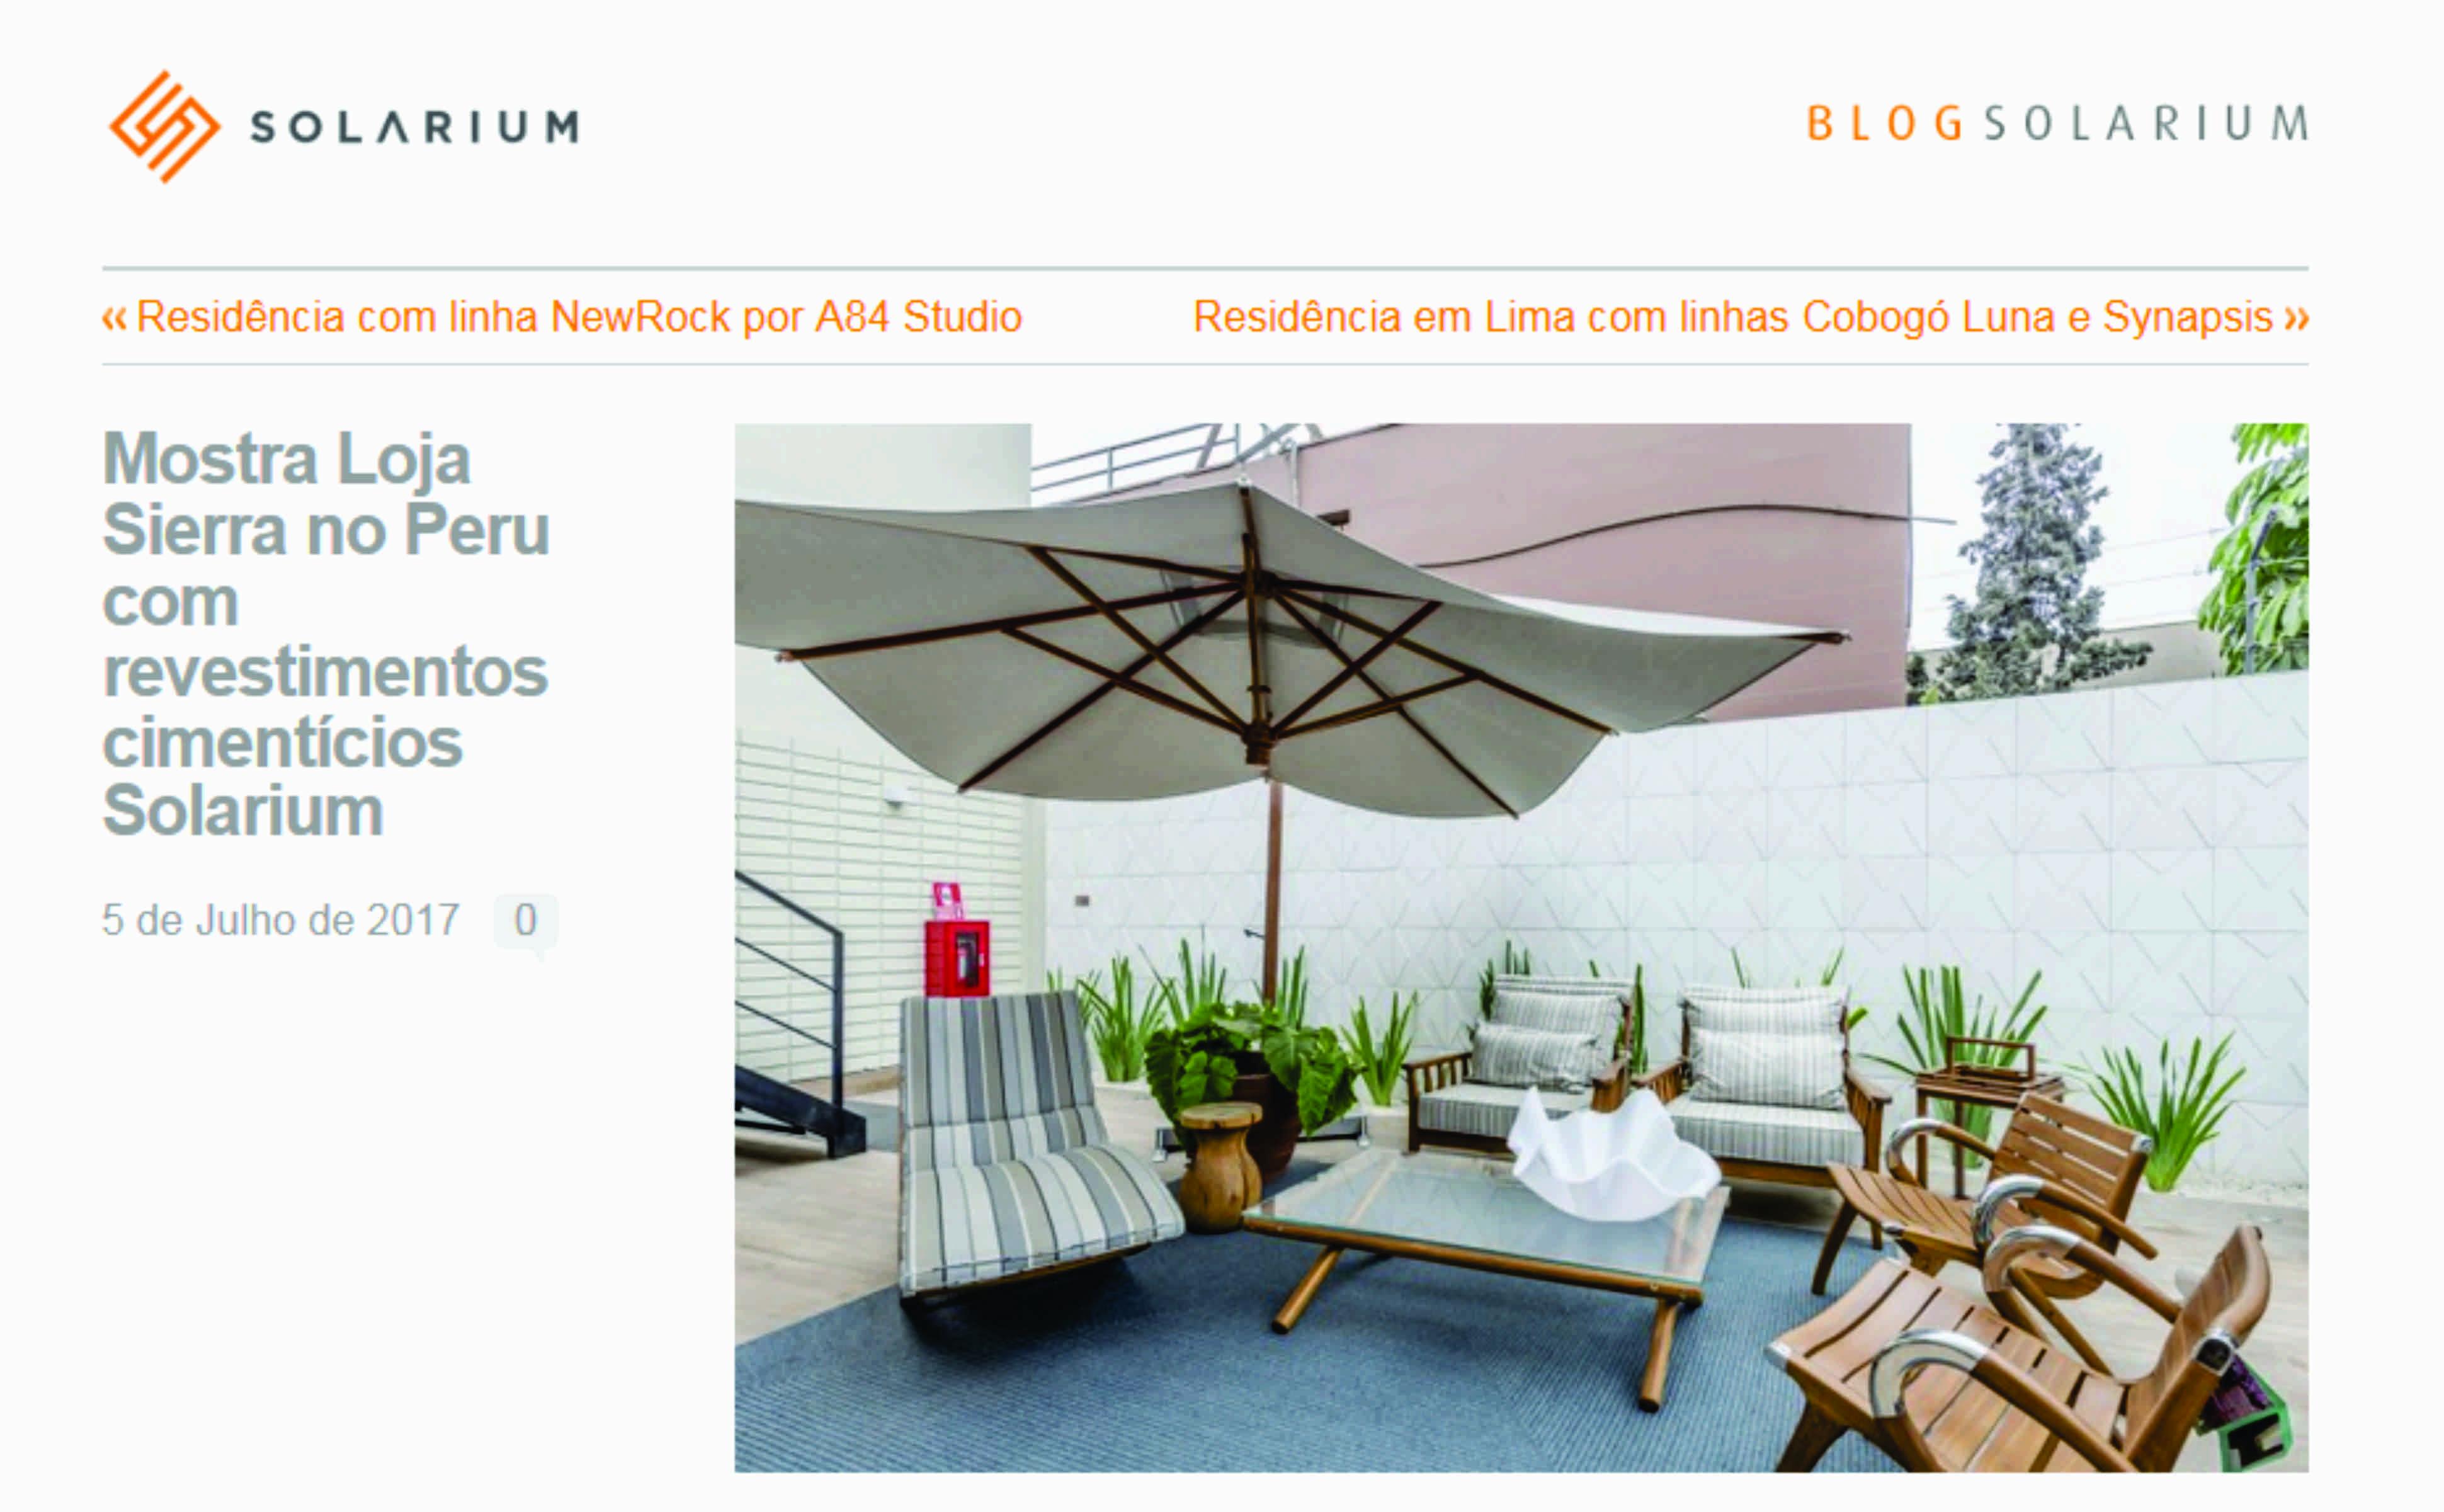 Blog Solarium | Renata Rubim